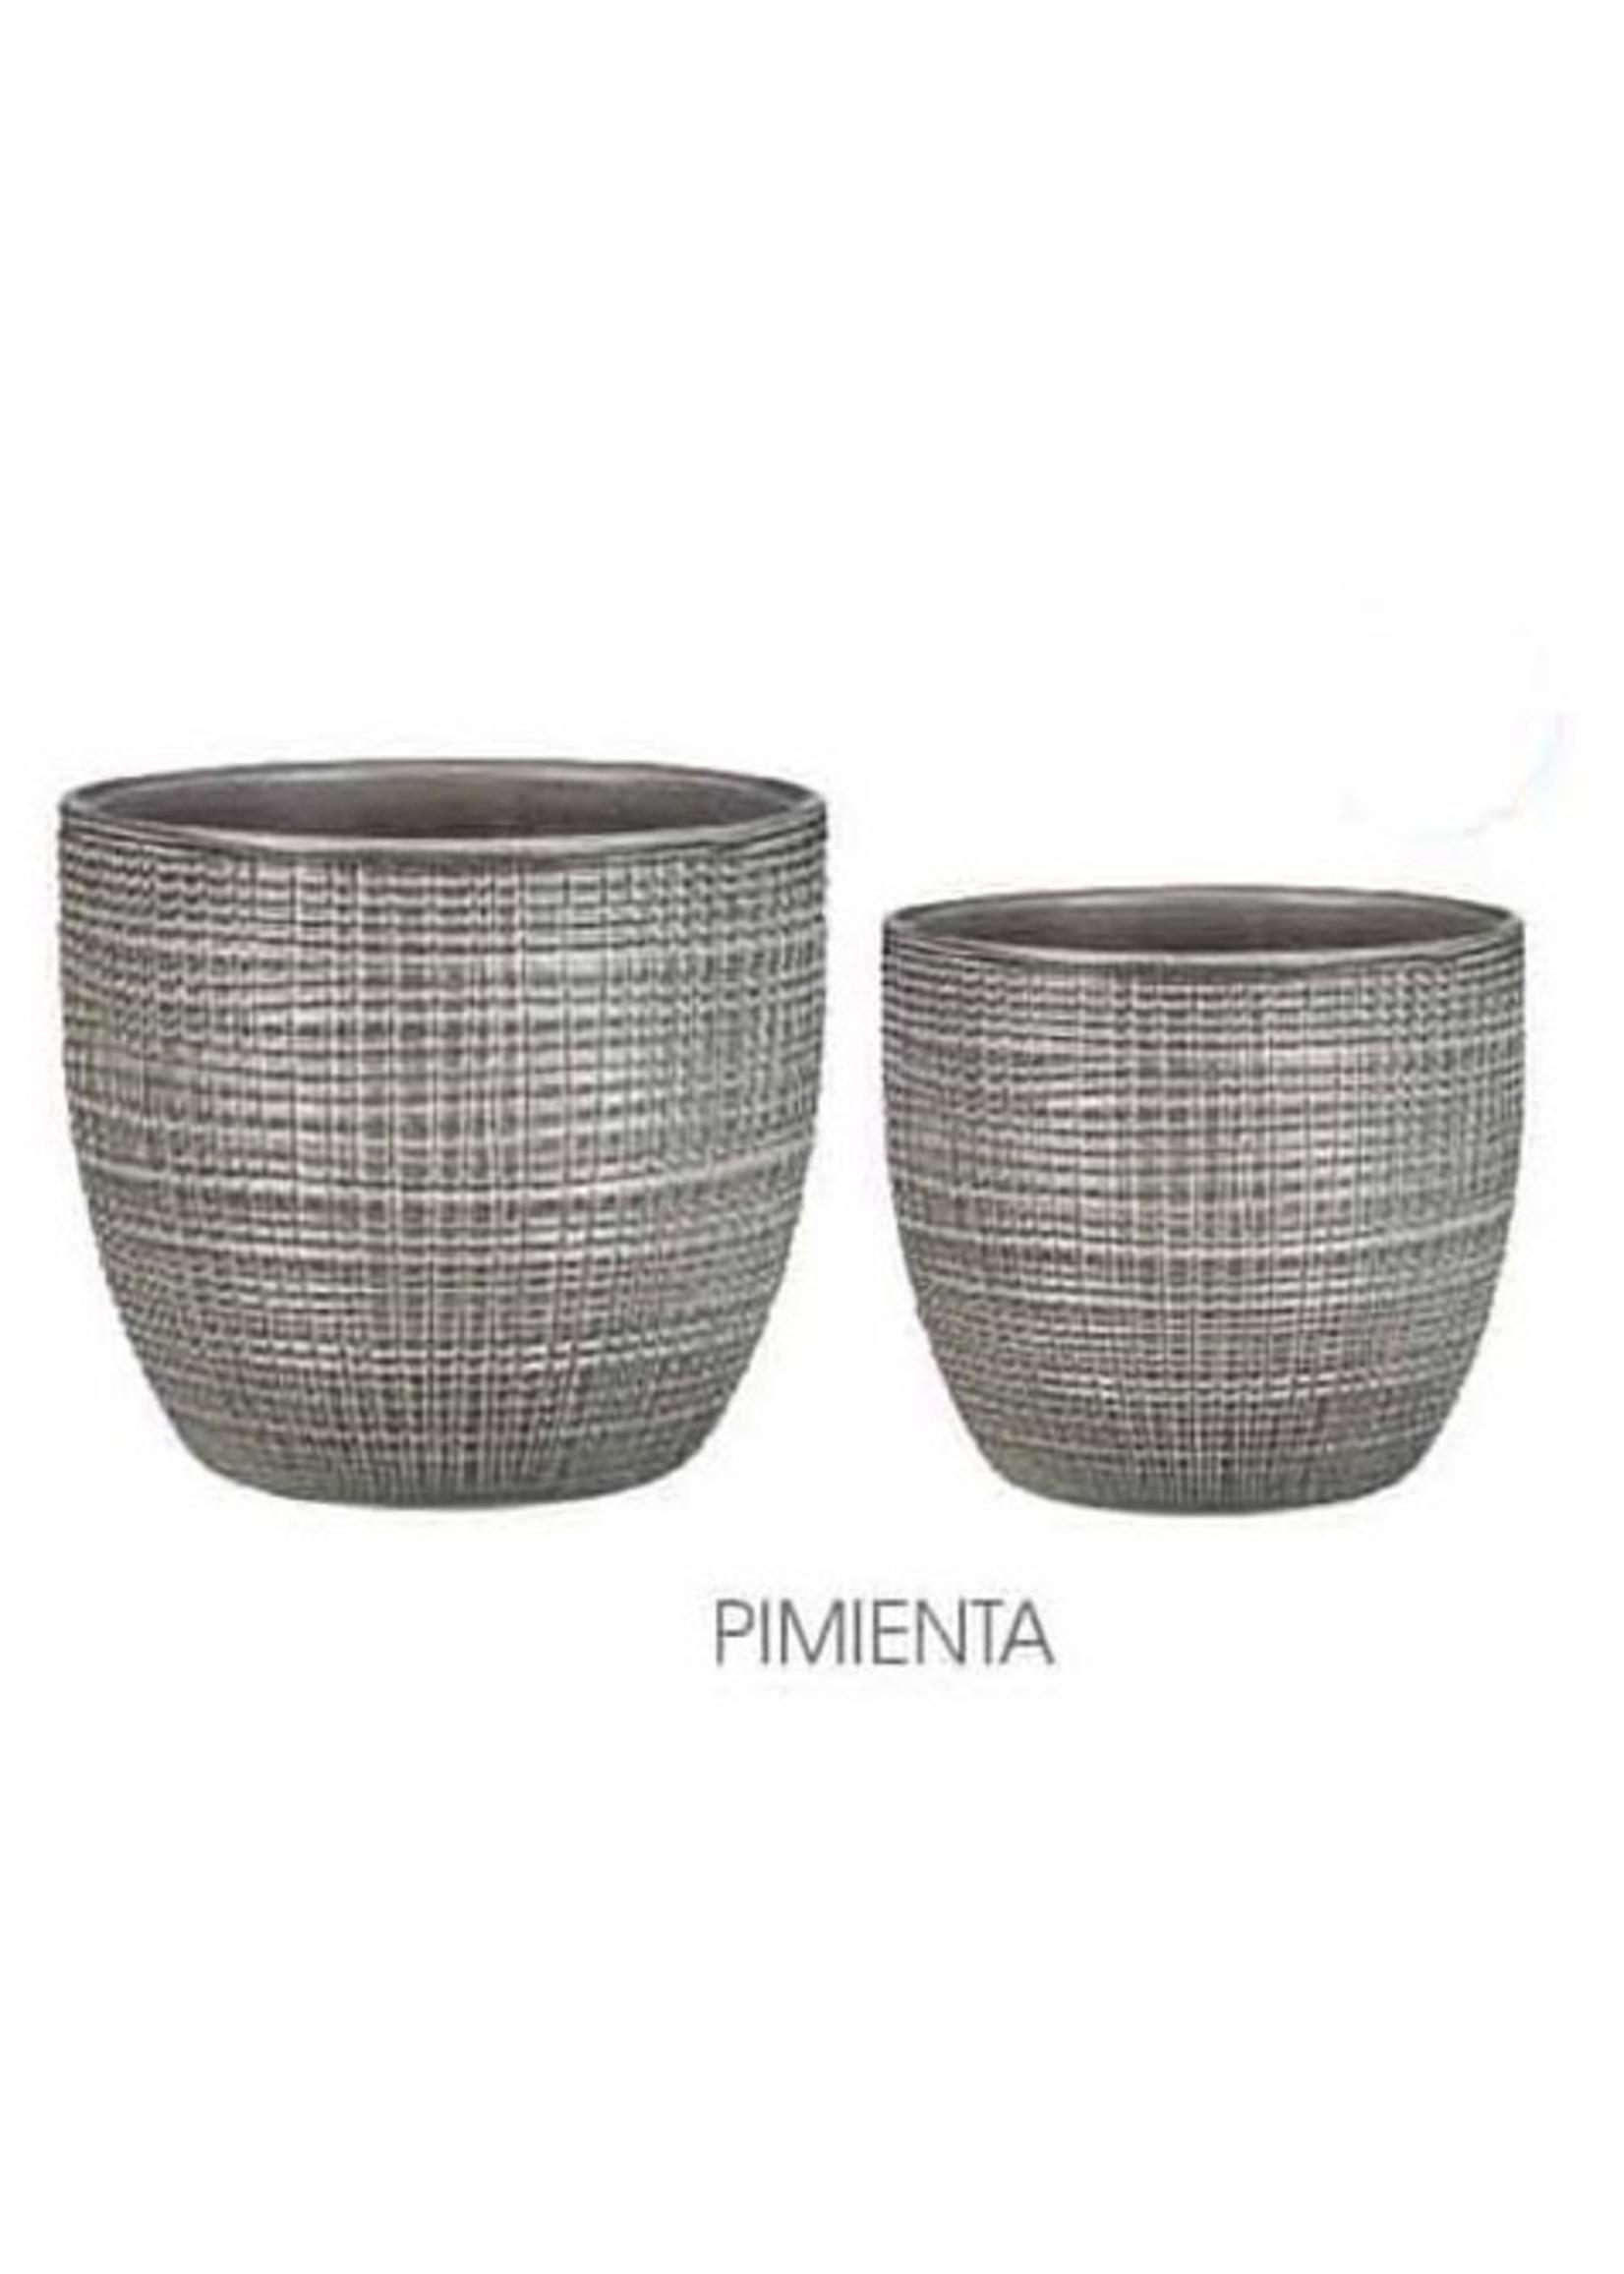 Pimienta Pot - 15cm